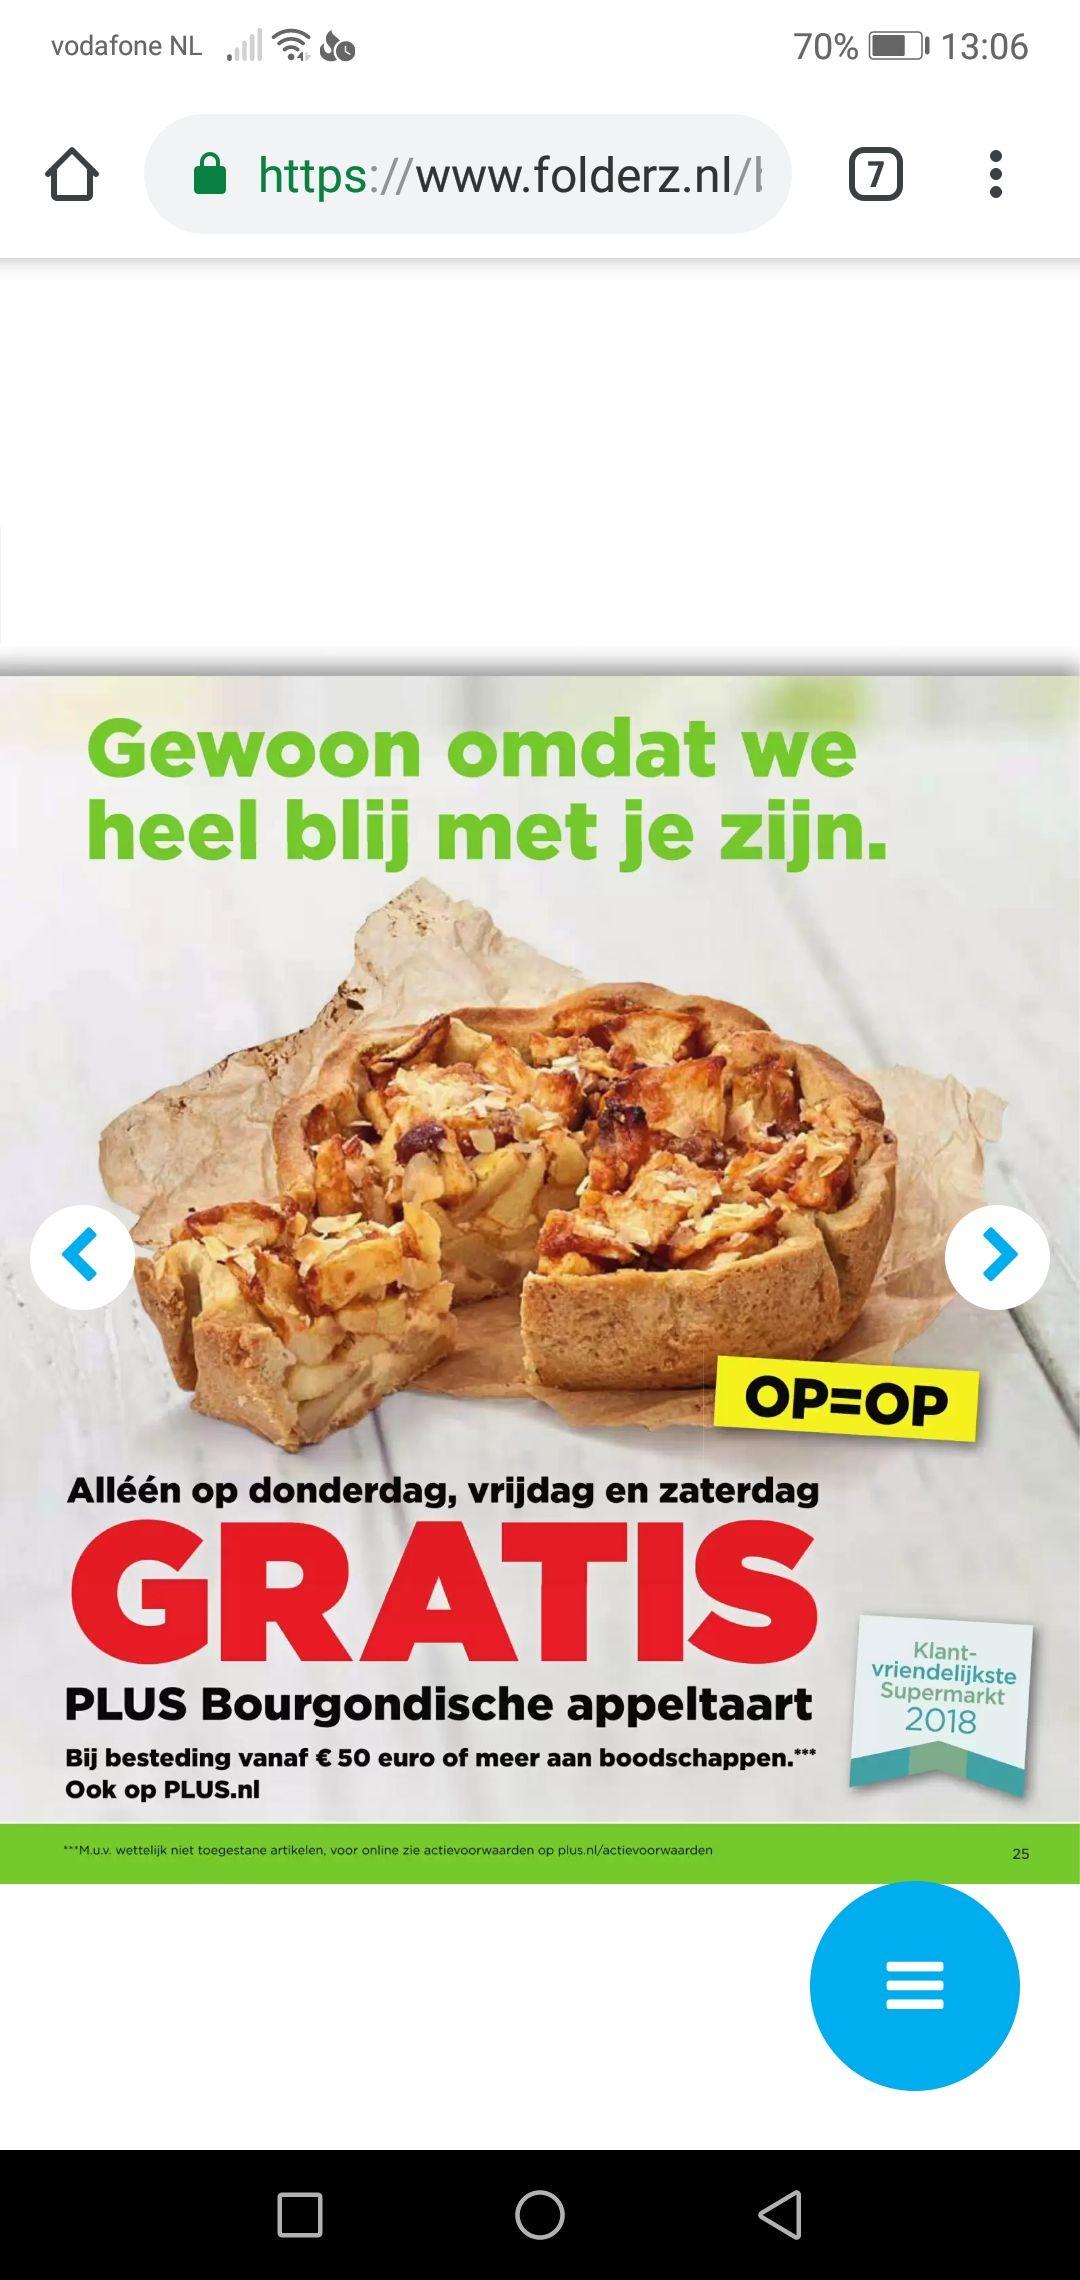 Volgende week donderdag vrijdag zaterdag gratis appeltaart plus supermarkten bij besteding van 50 euro